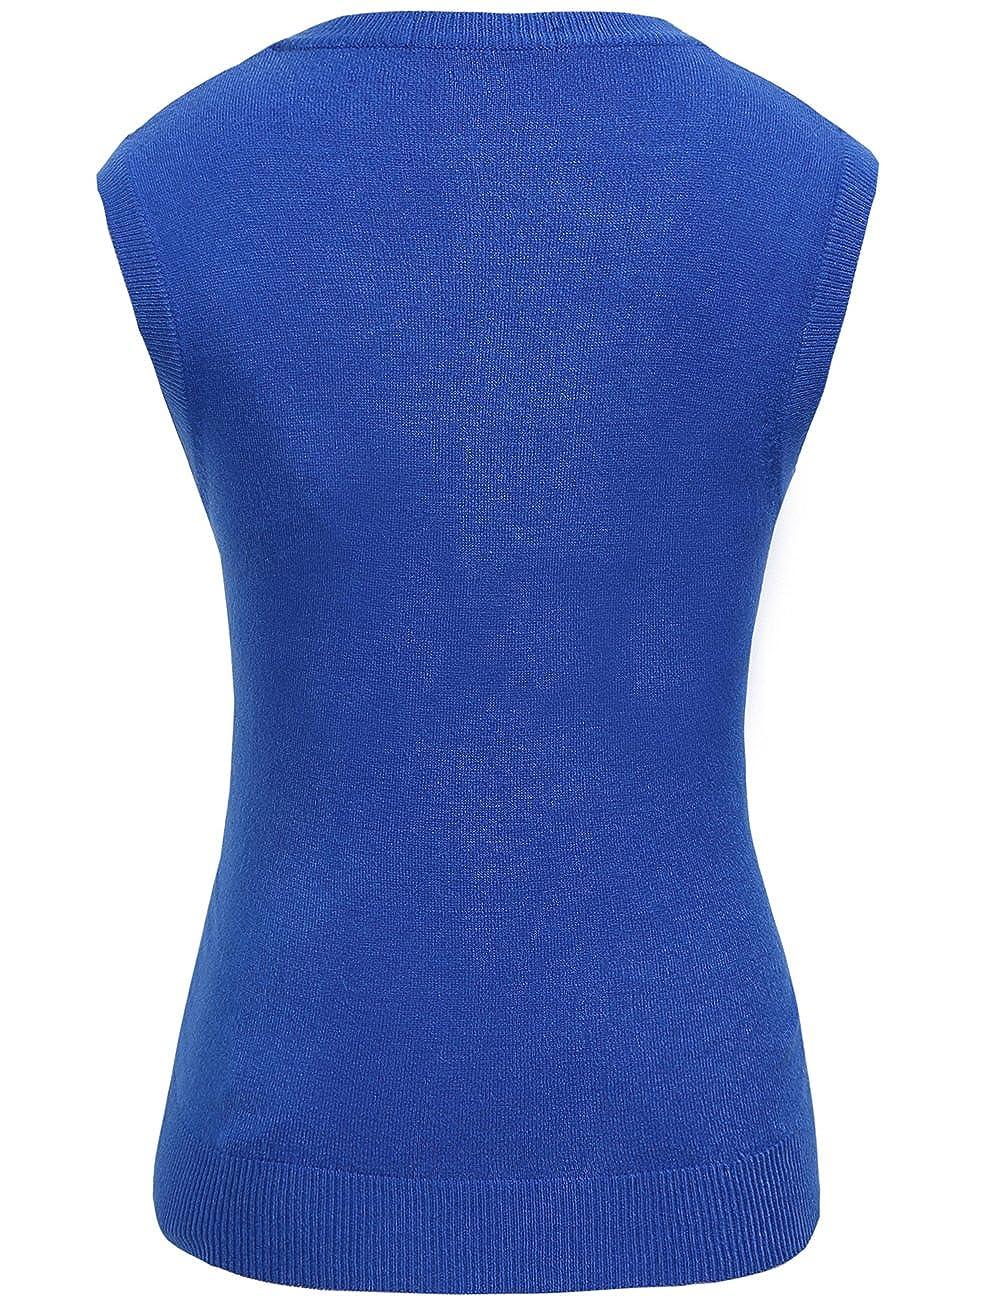 Medium, Blau Camii Mia Damen Pullunder Strick Weste V-Ausschnitt Einfarbig f/ür Business und Freizeit